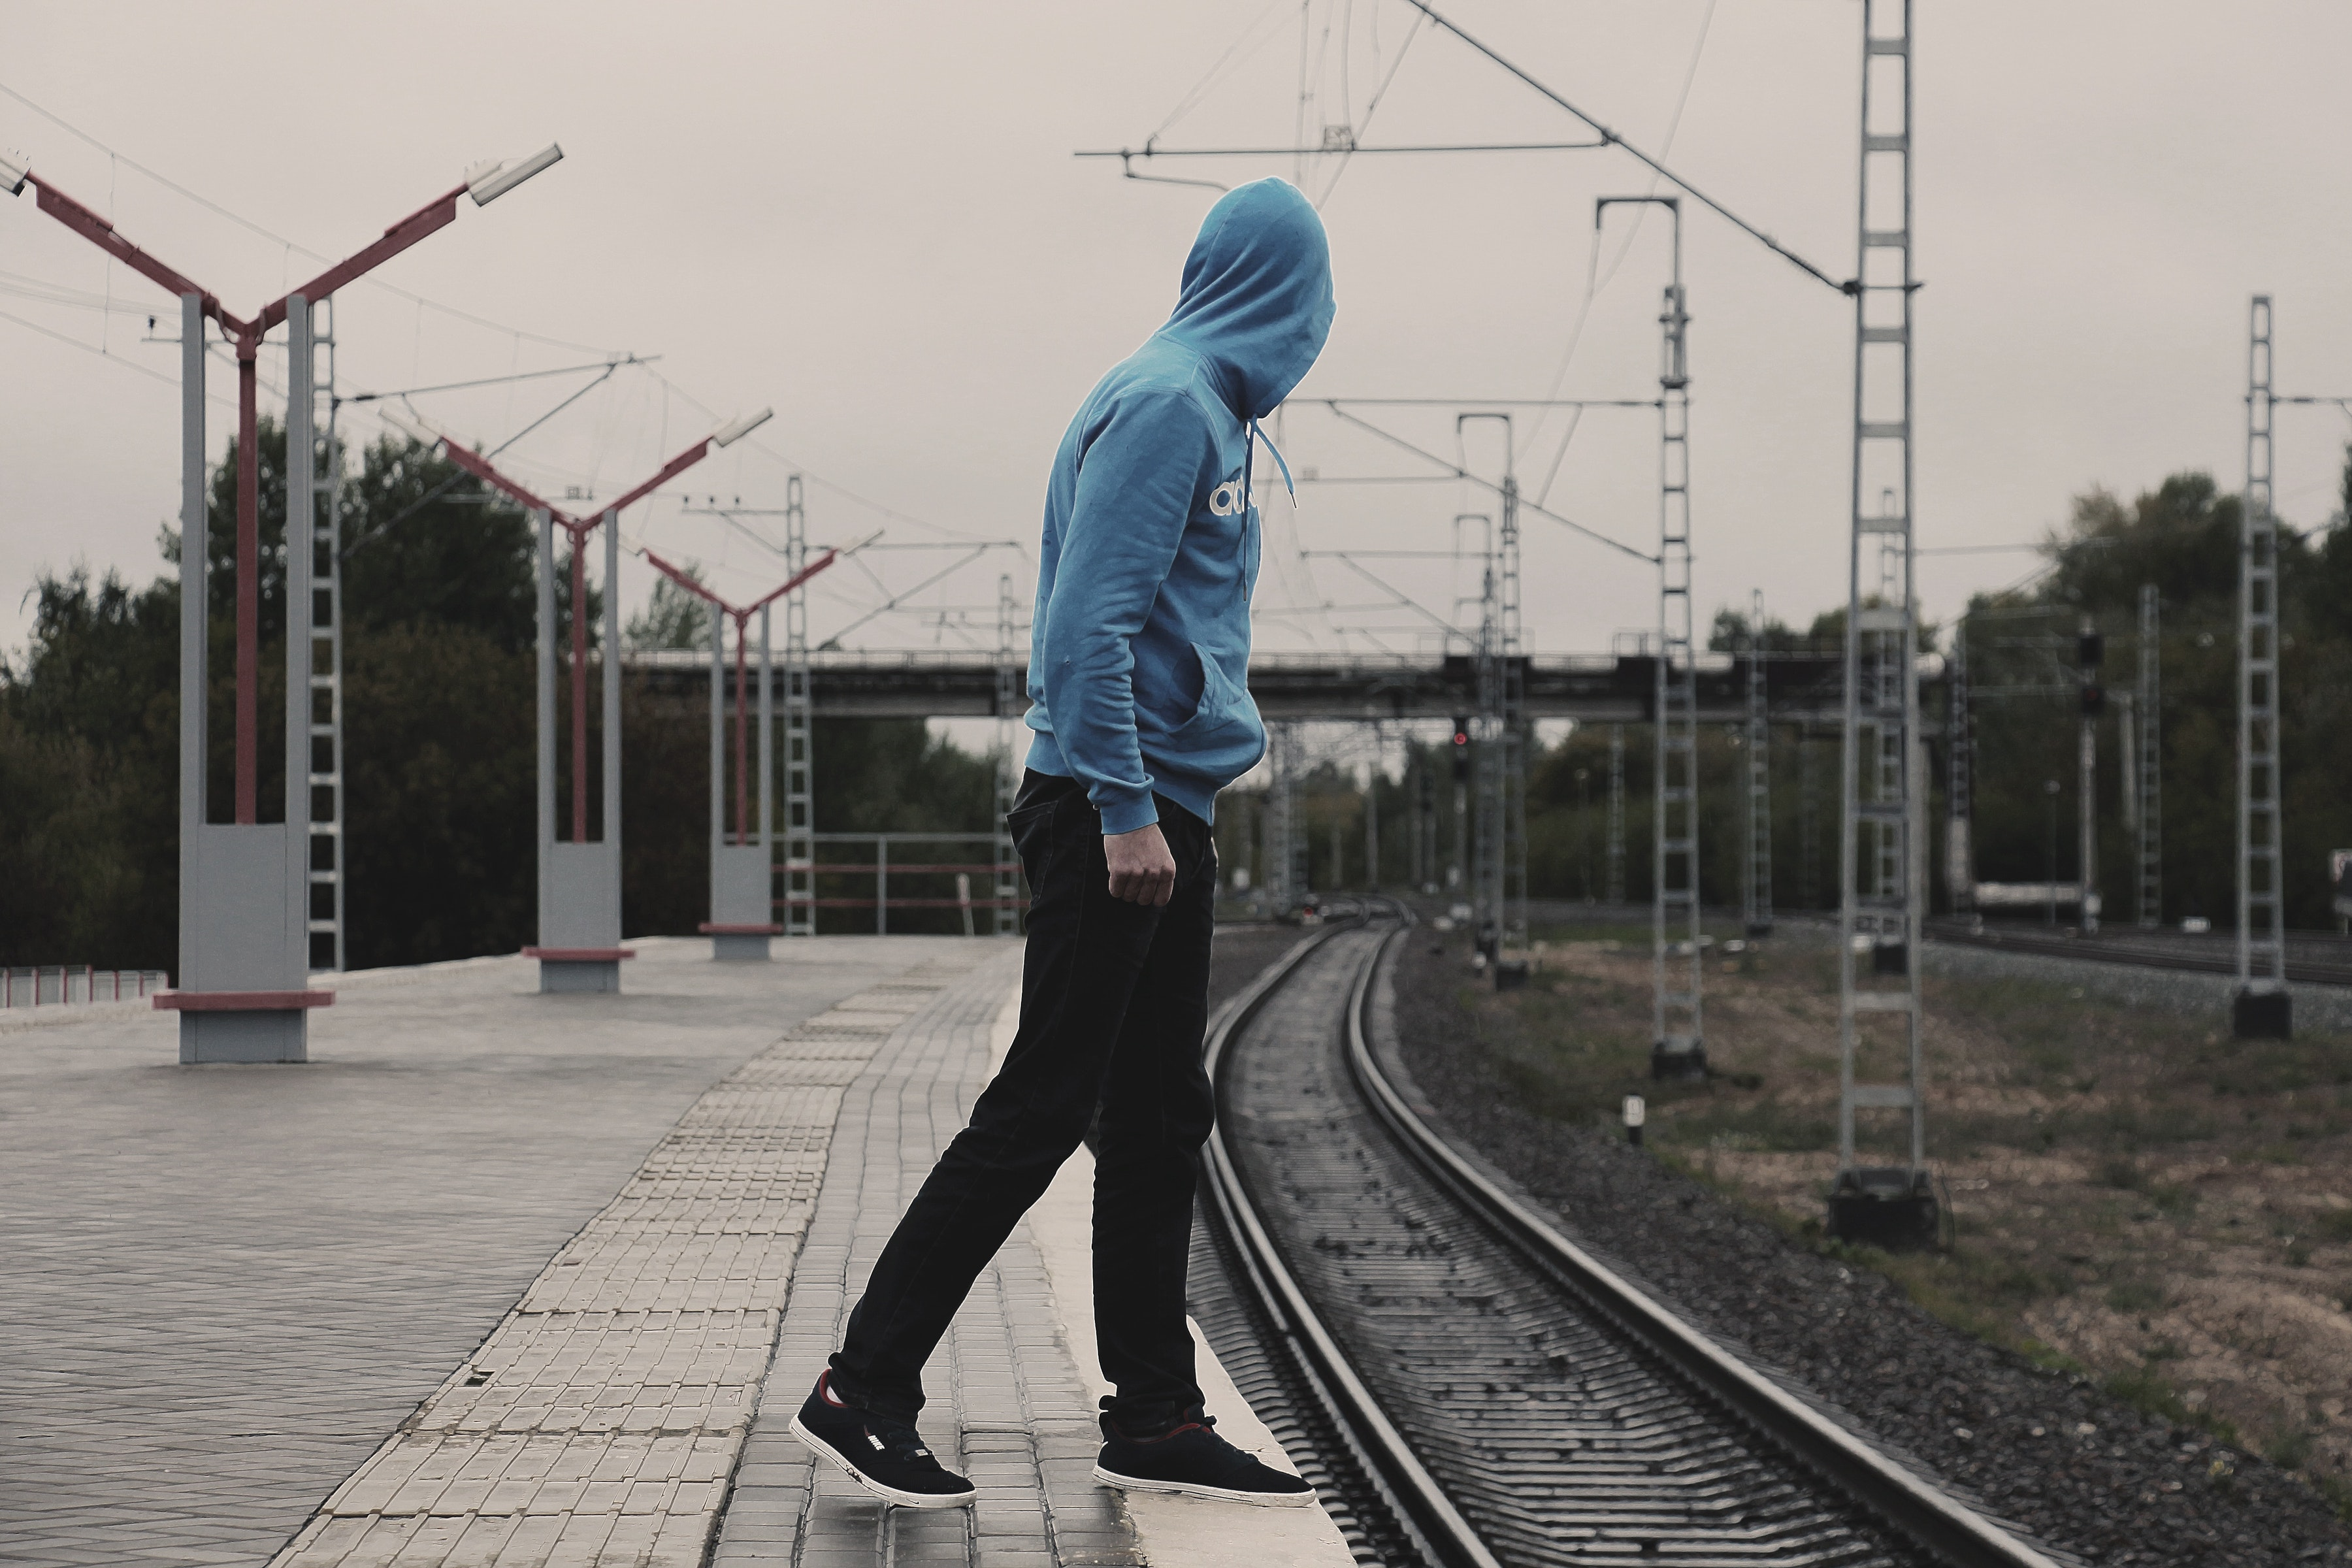 Soziale Phobie, junger Mensch wartet auf Zug